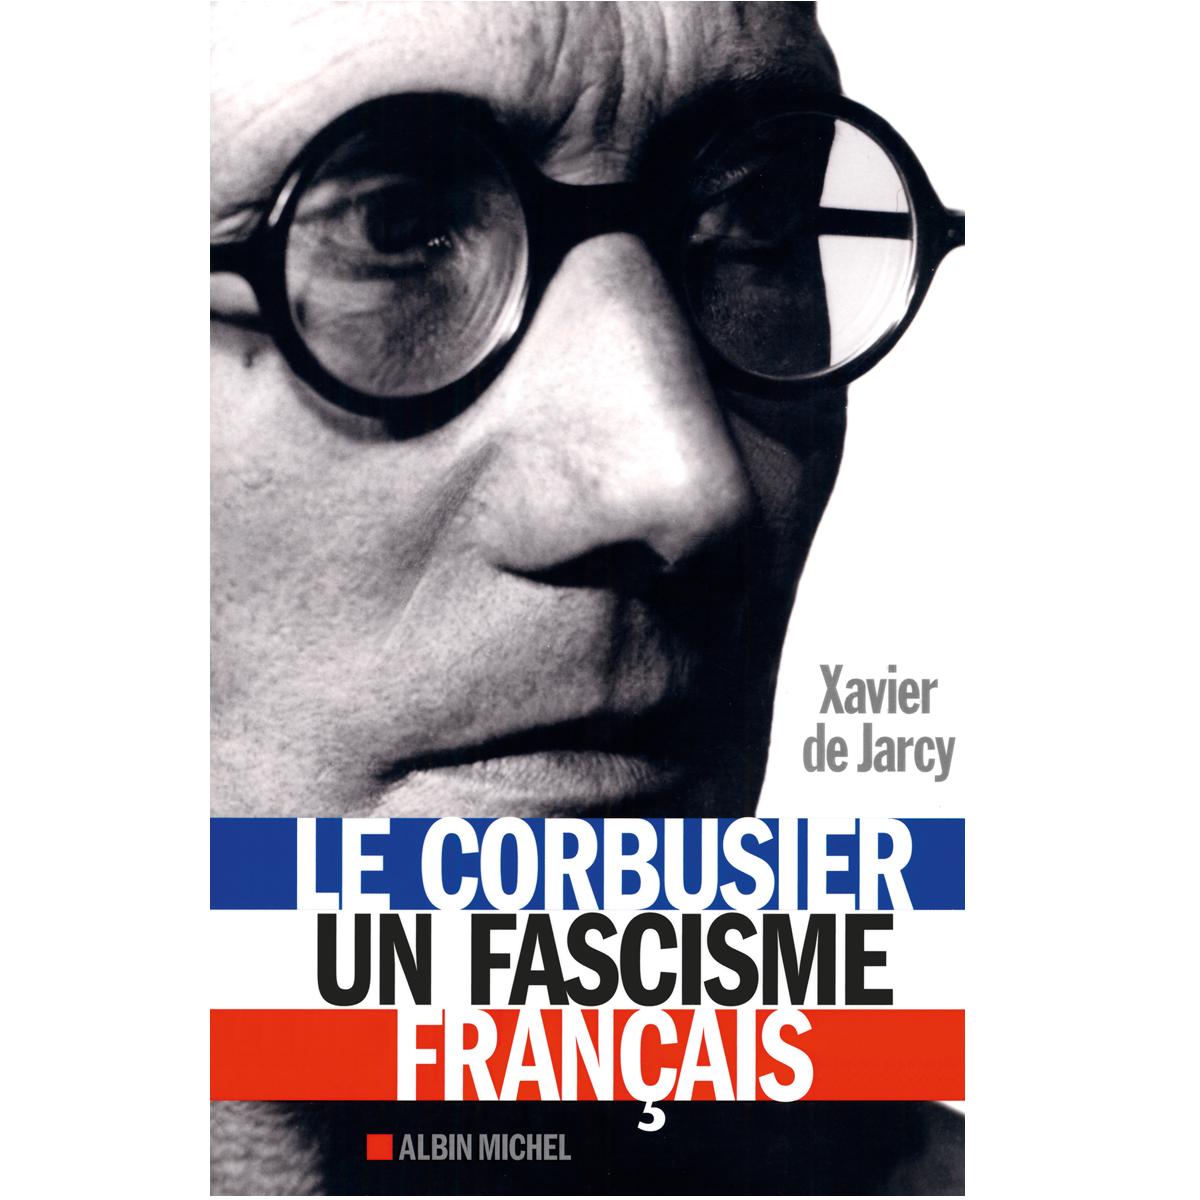 Le Corbusier, une fascisme français